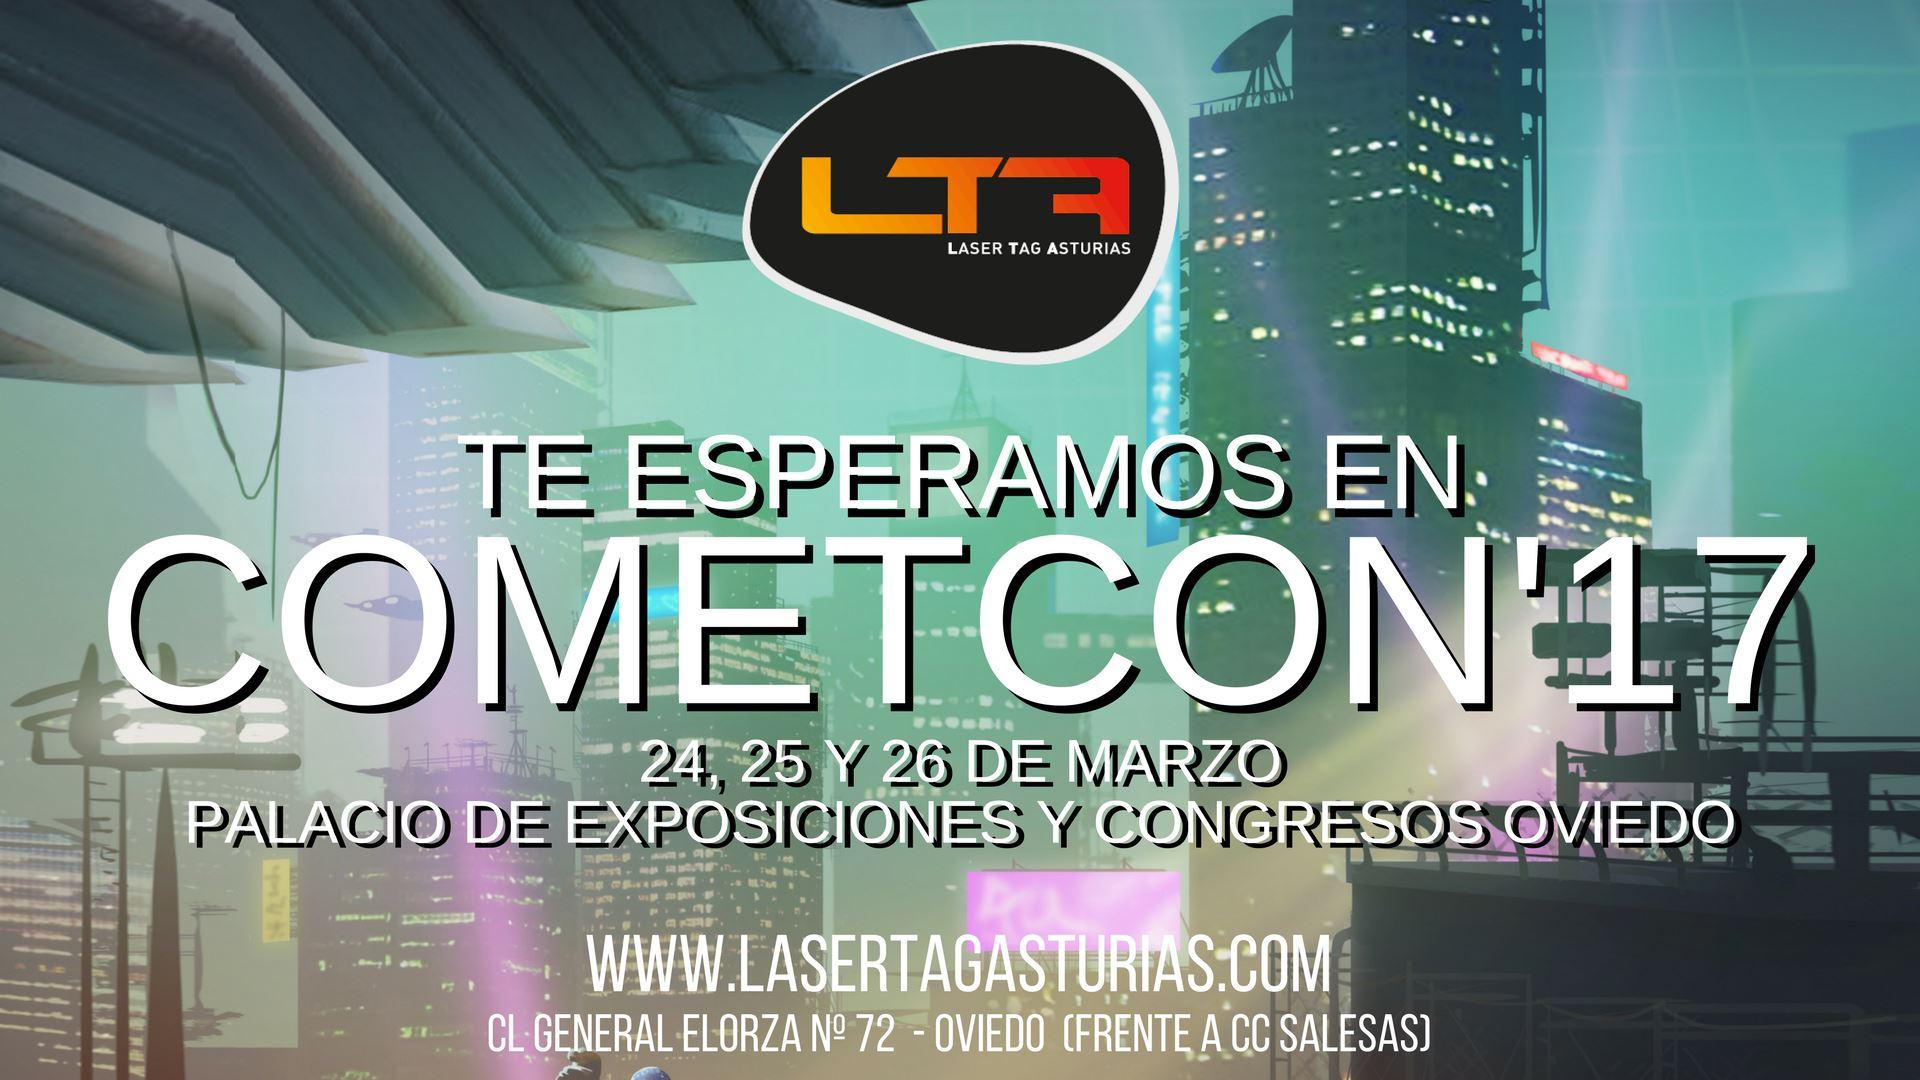 Laser tag asturias en la cometcon 2017